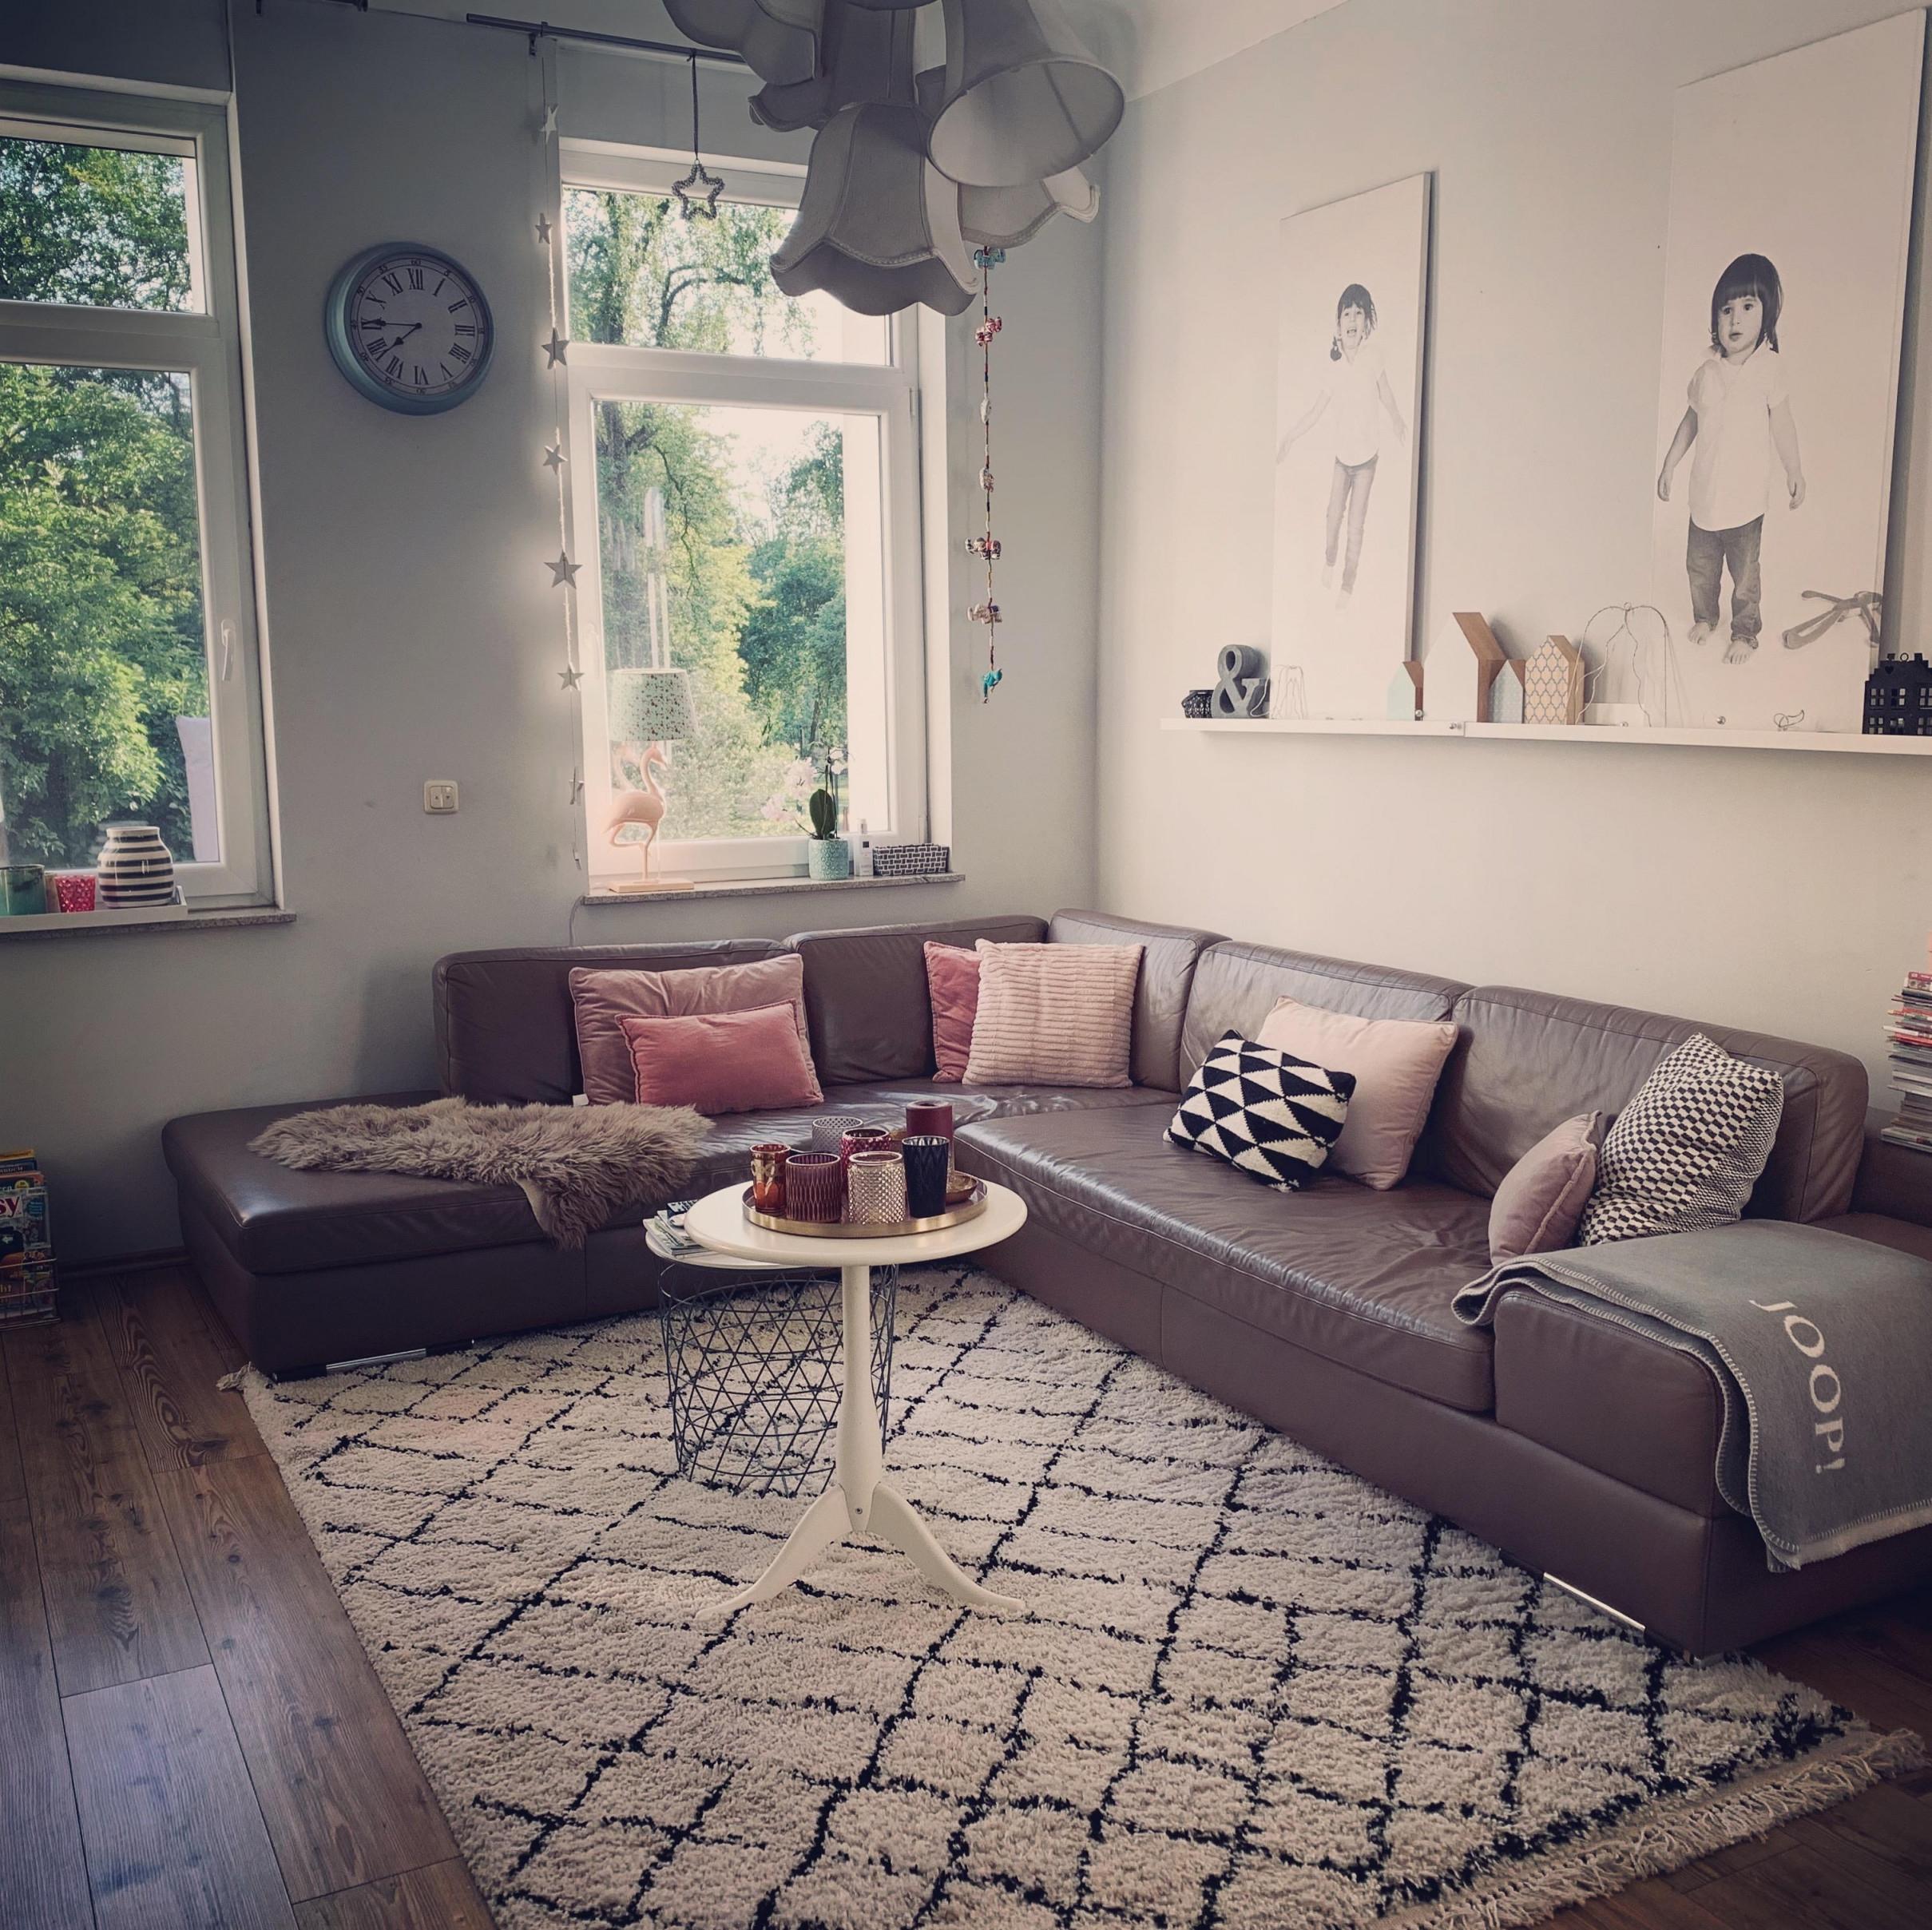 Gemütliches Wohnzimmer So Schaffst Du Eine Kuscheloase von Wohnzimmer Ideen Gemütlich Photo